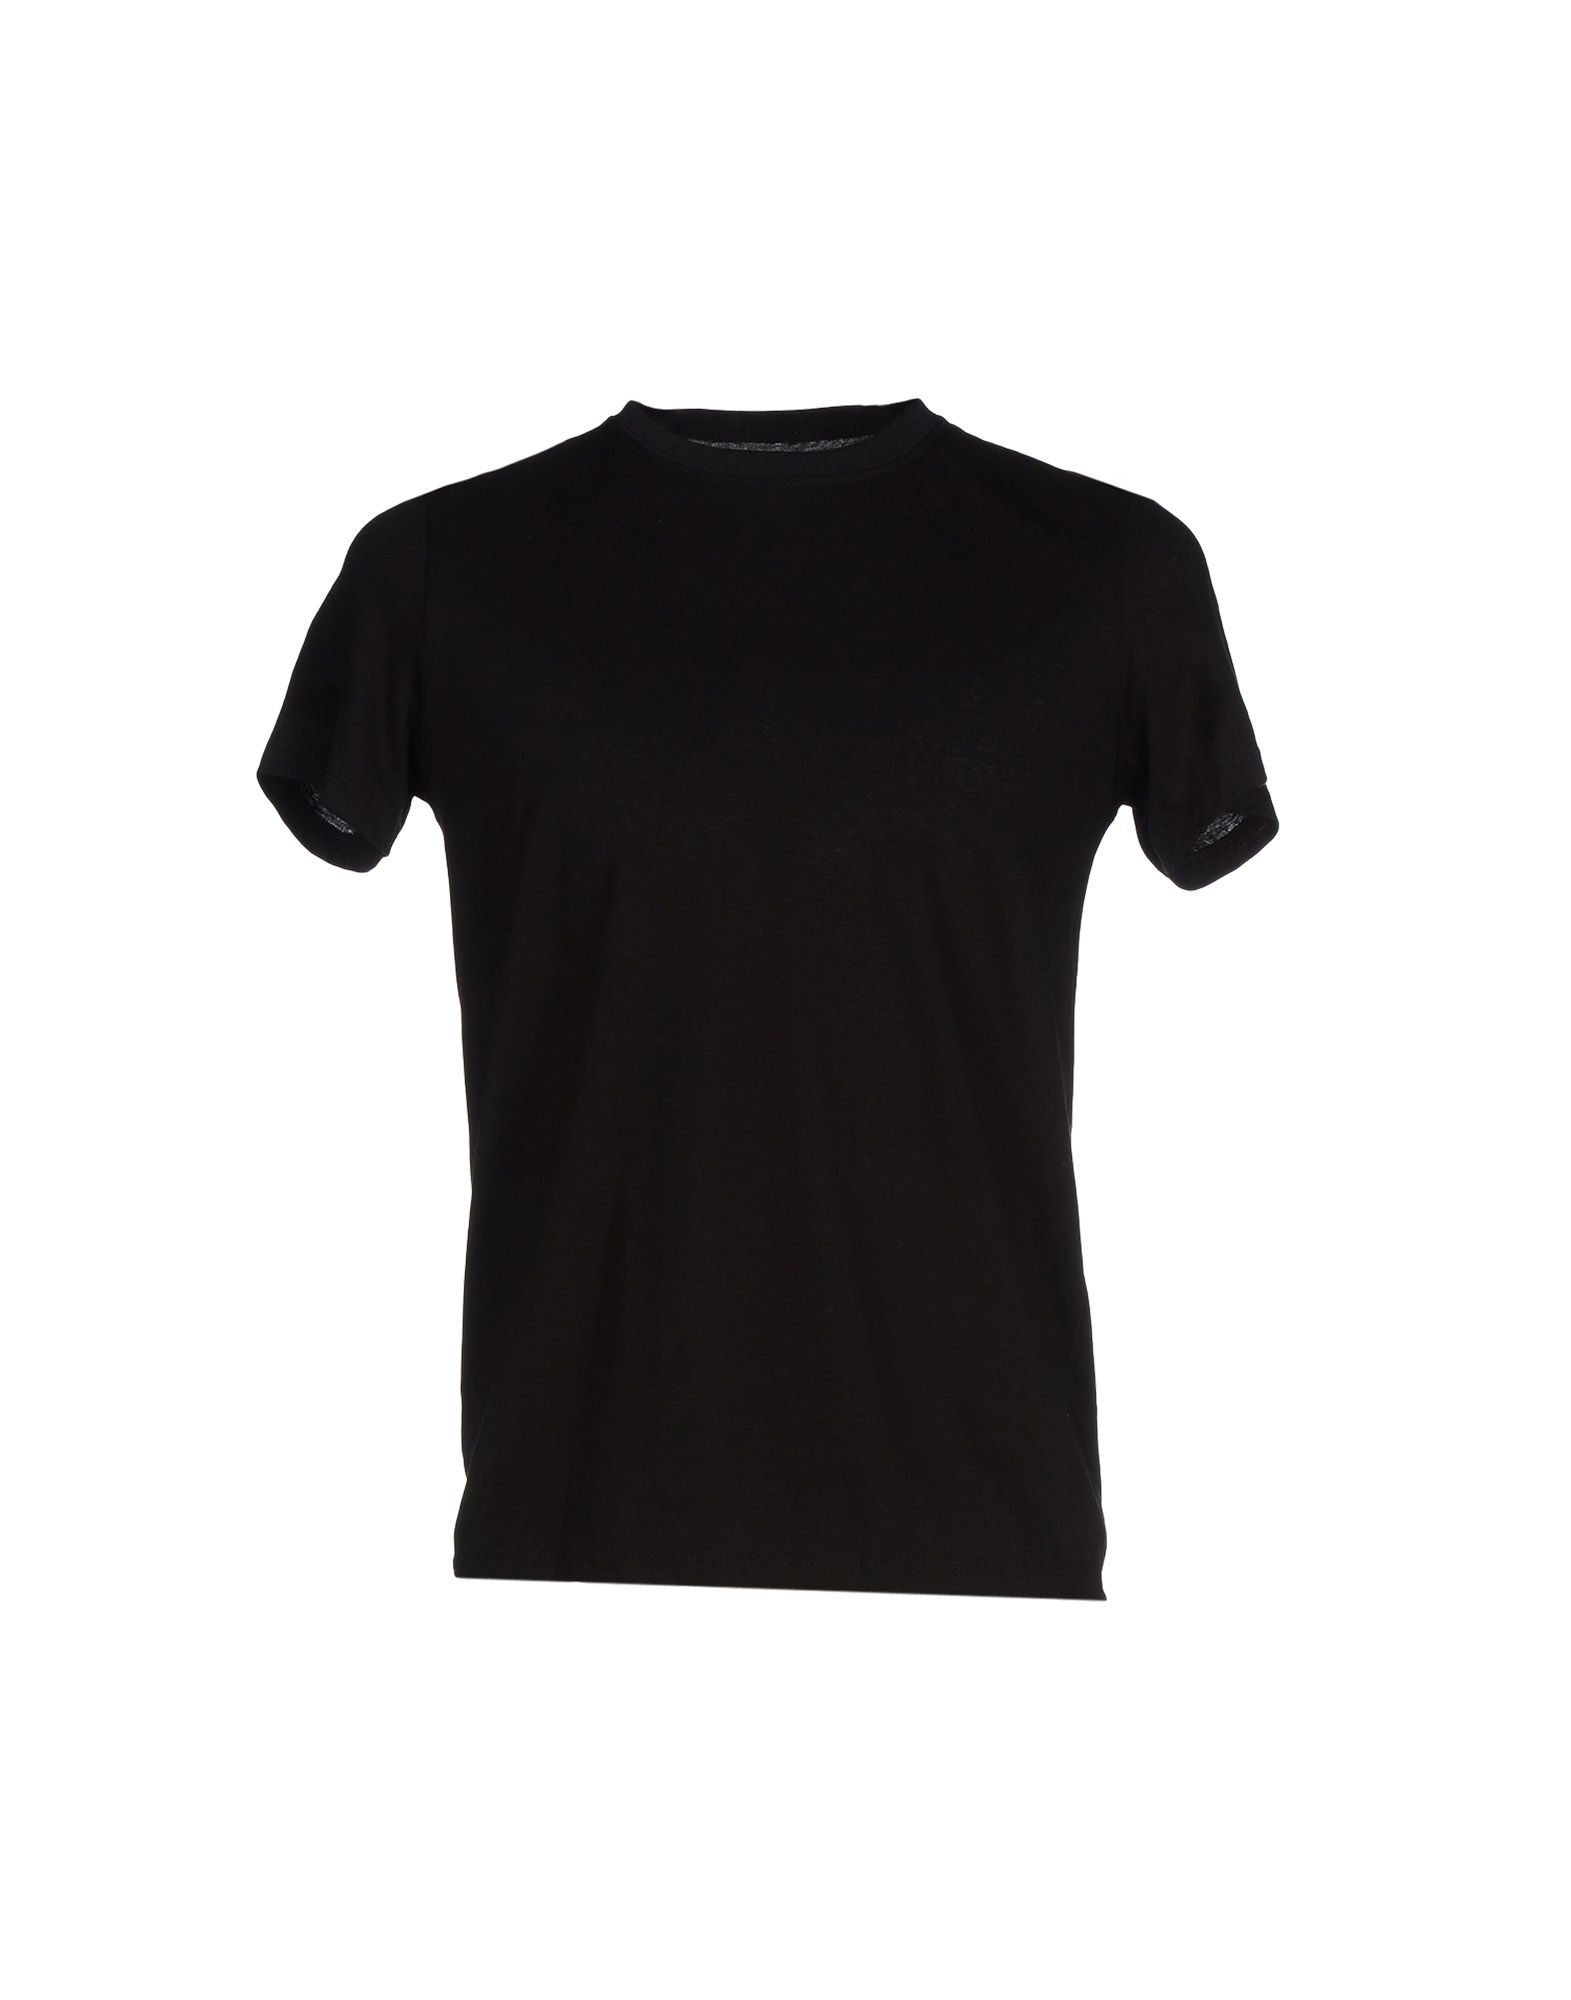 《送料無料》TALLULAH メンズ T シャツ ブラック S コットン 100%